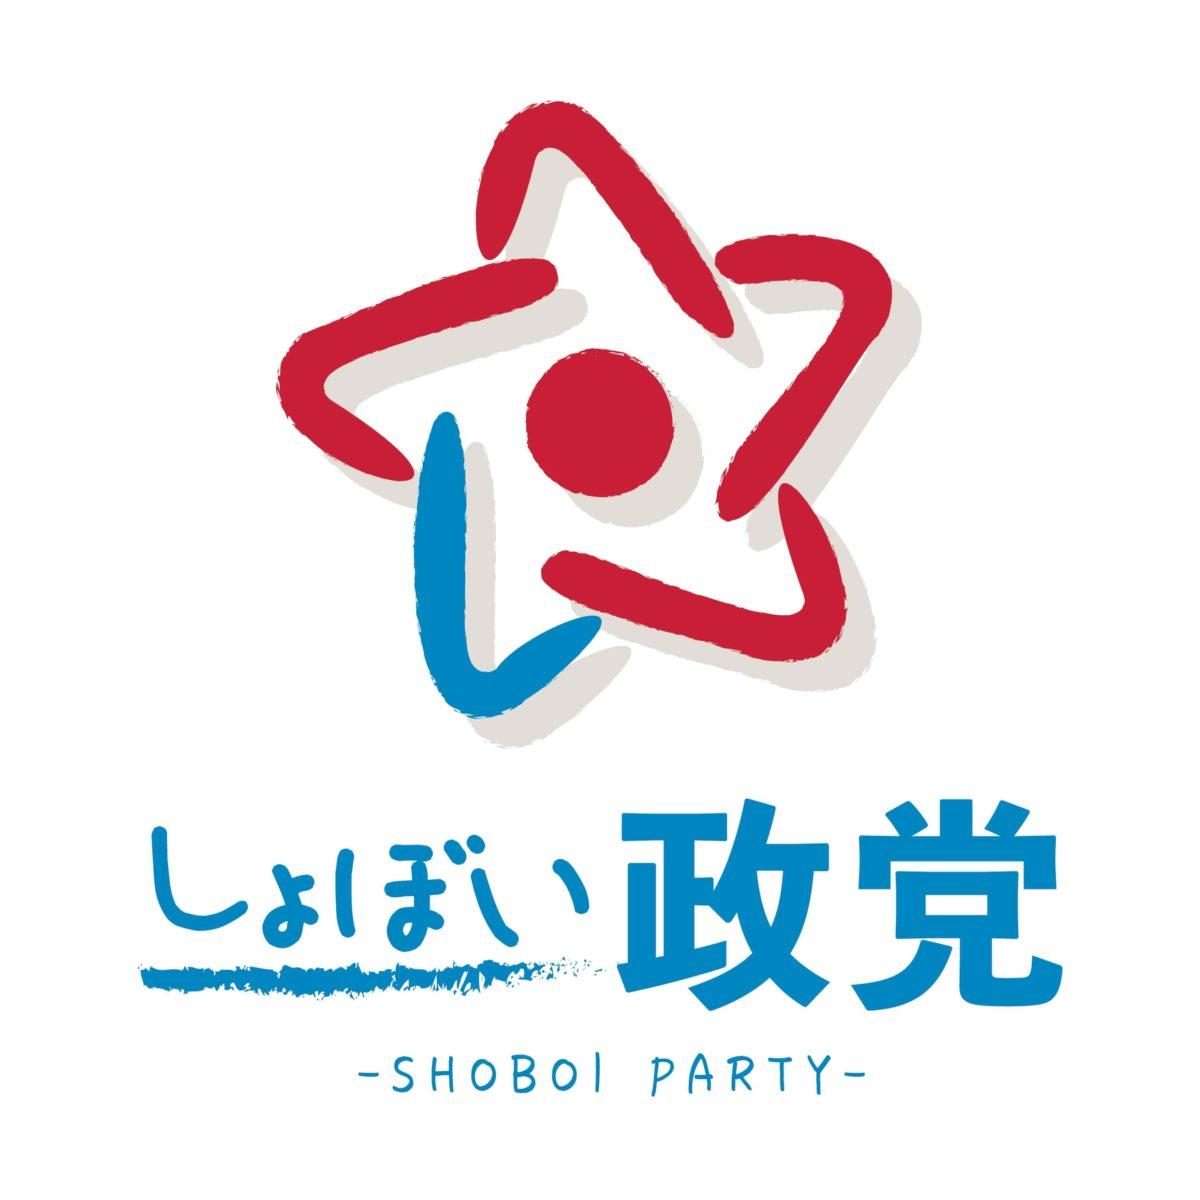 しょぼい政党 さま ロゴ